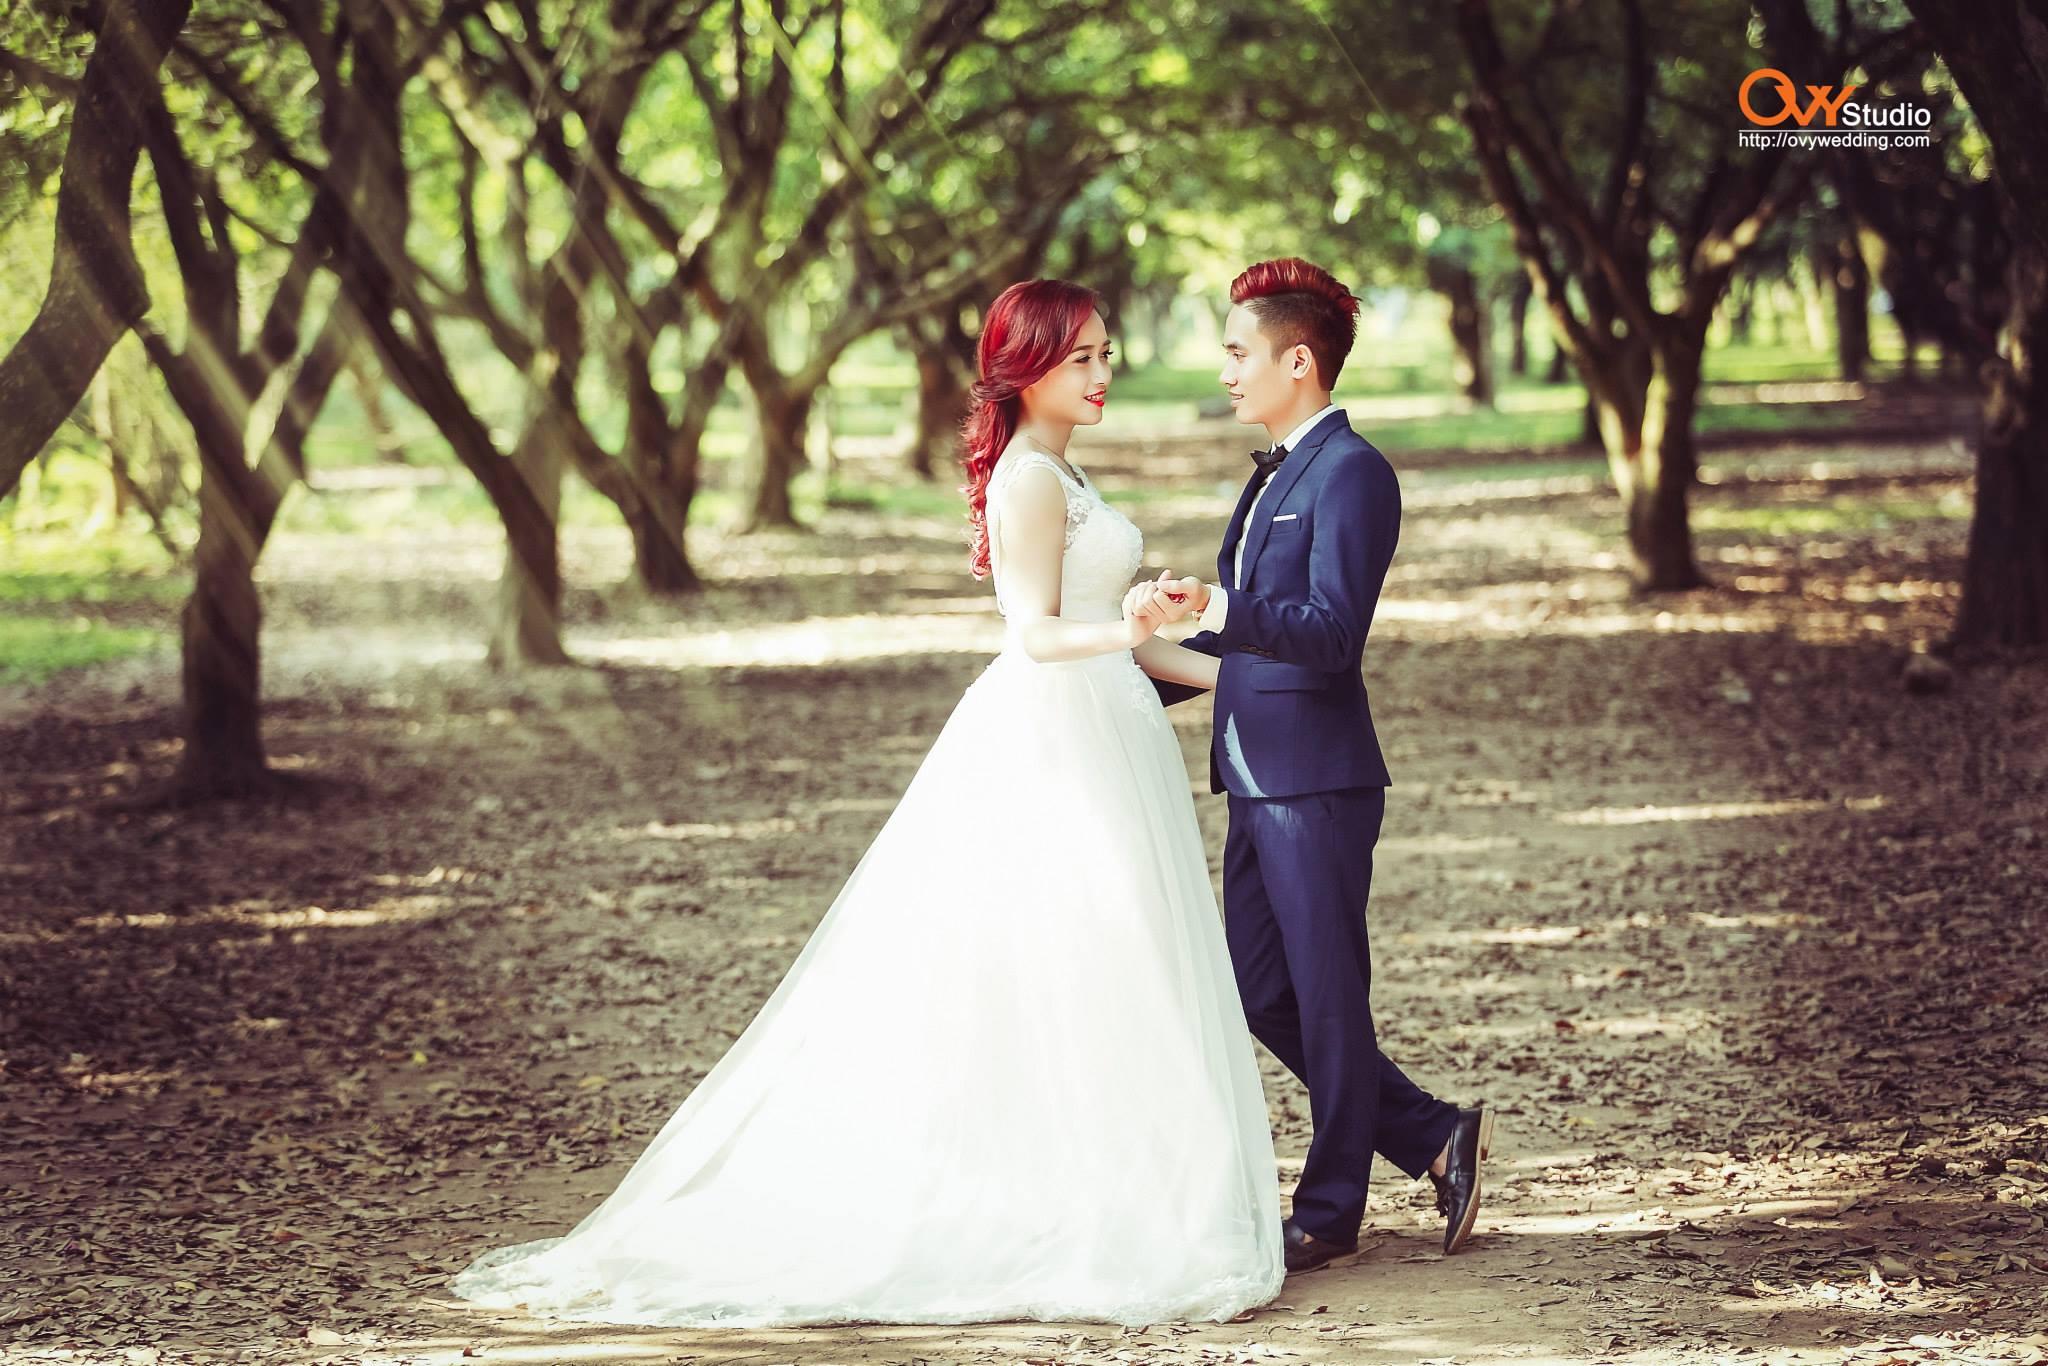 Chụp ảnh cưới theo nhân vật hoạt hình